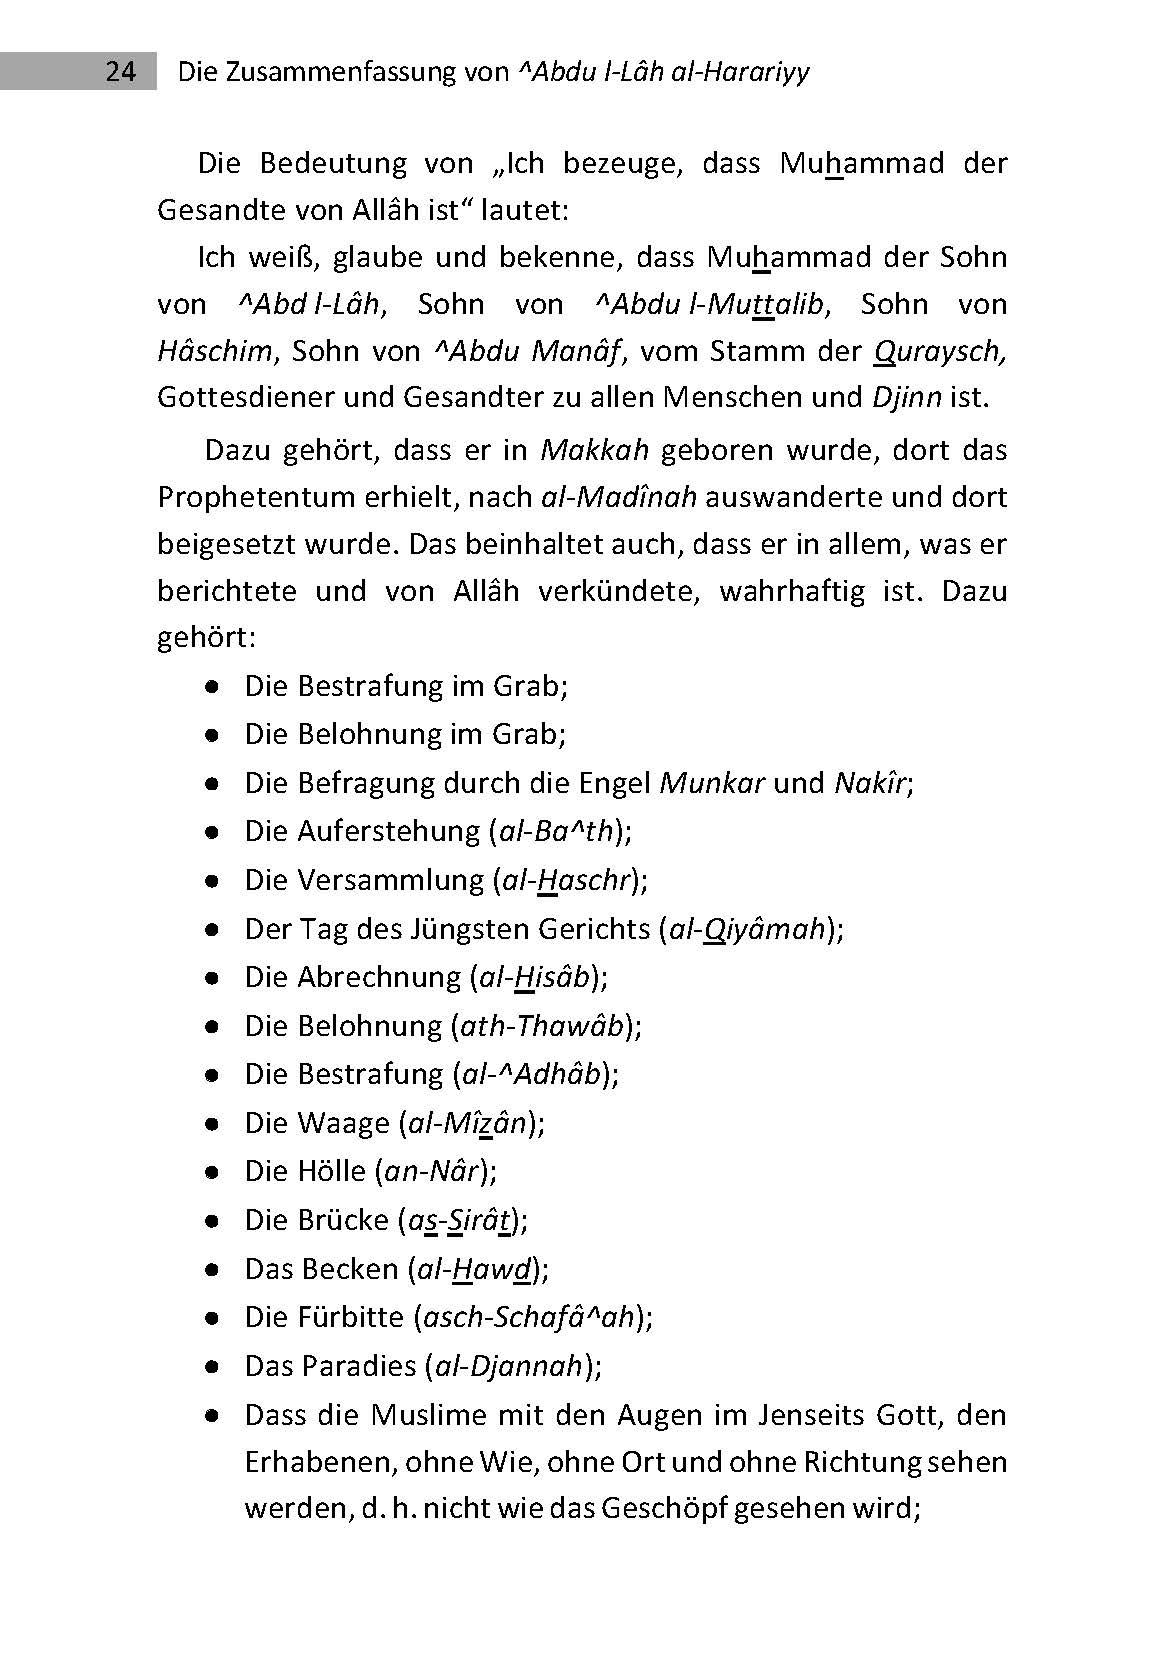 Die Zusammenfassung - 3. Auflage 2014_Seite_24